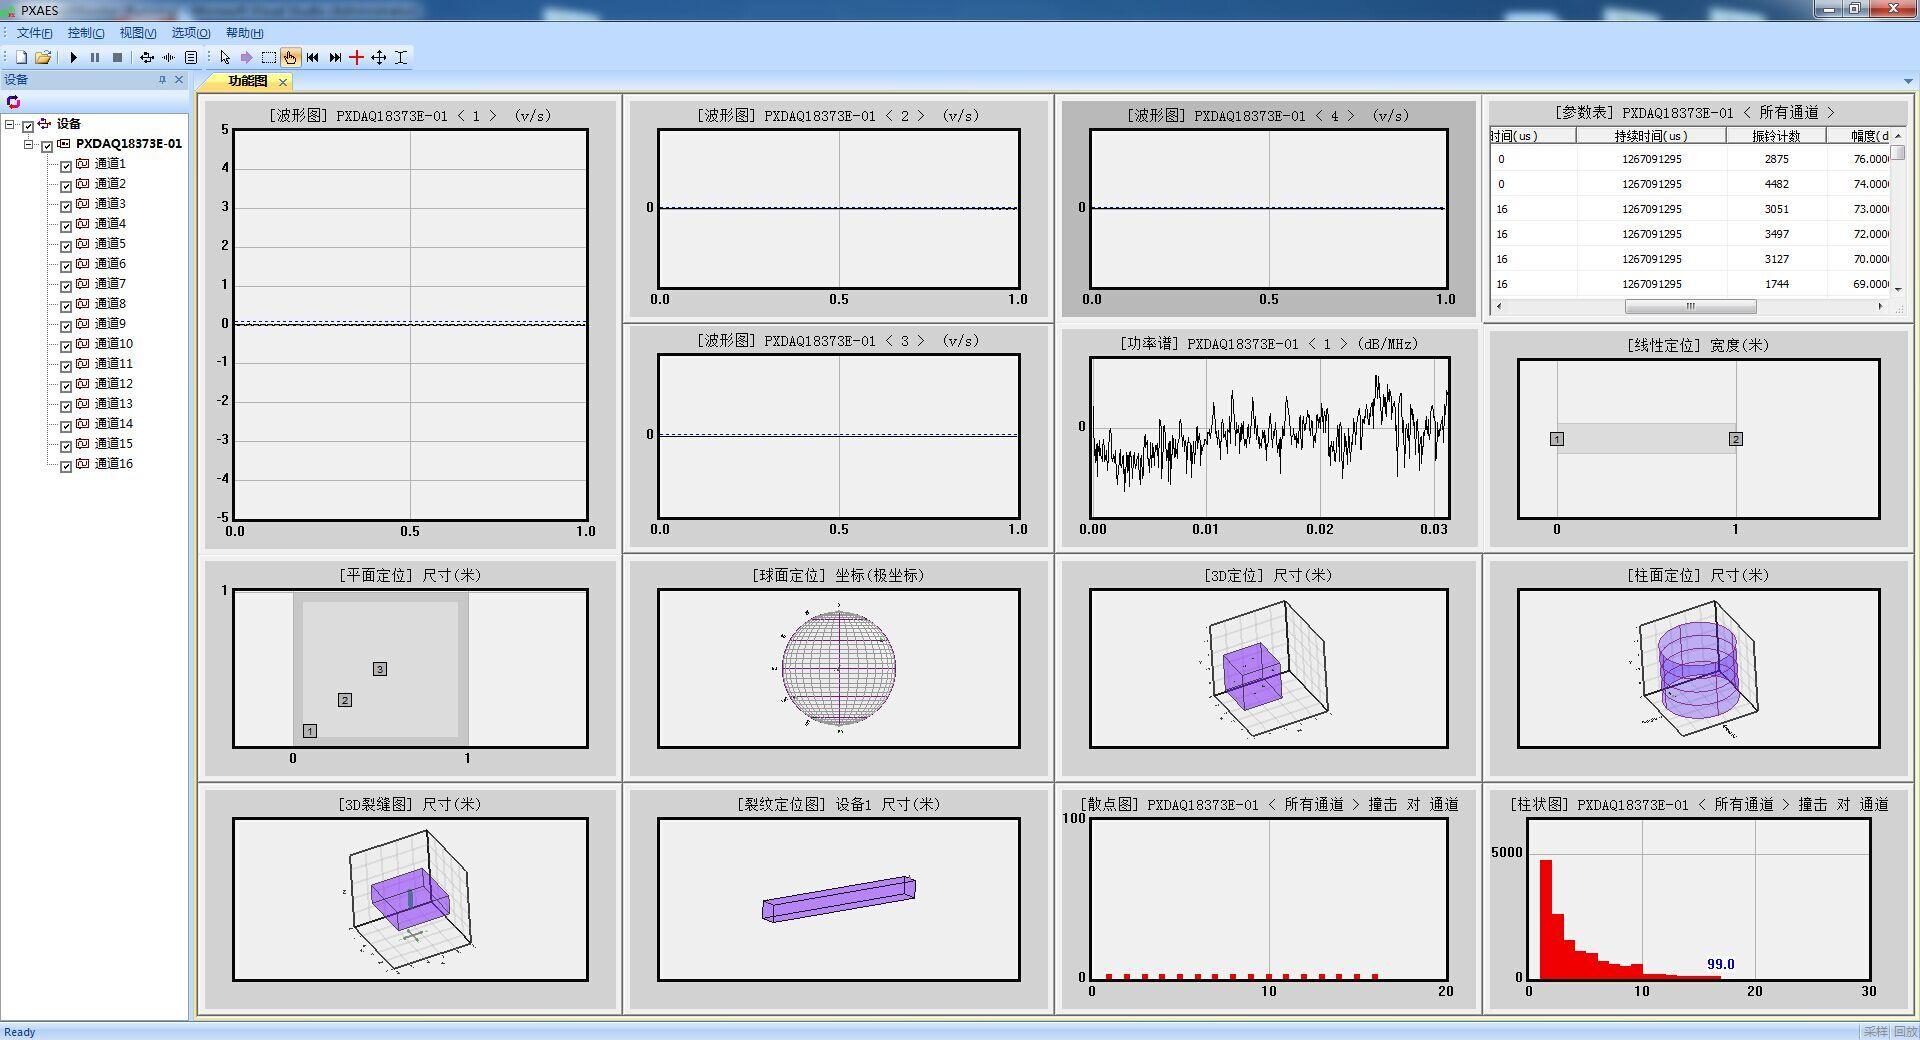 千兆网接口,usb总线等声发射采集卡),可运行在32位和64位的windows7